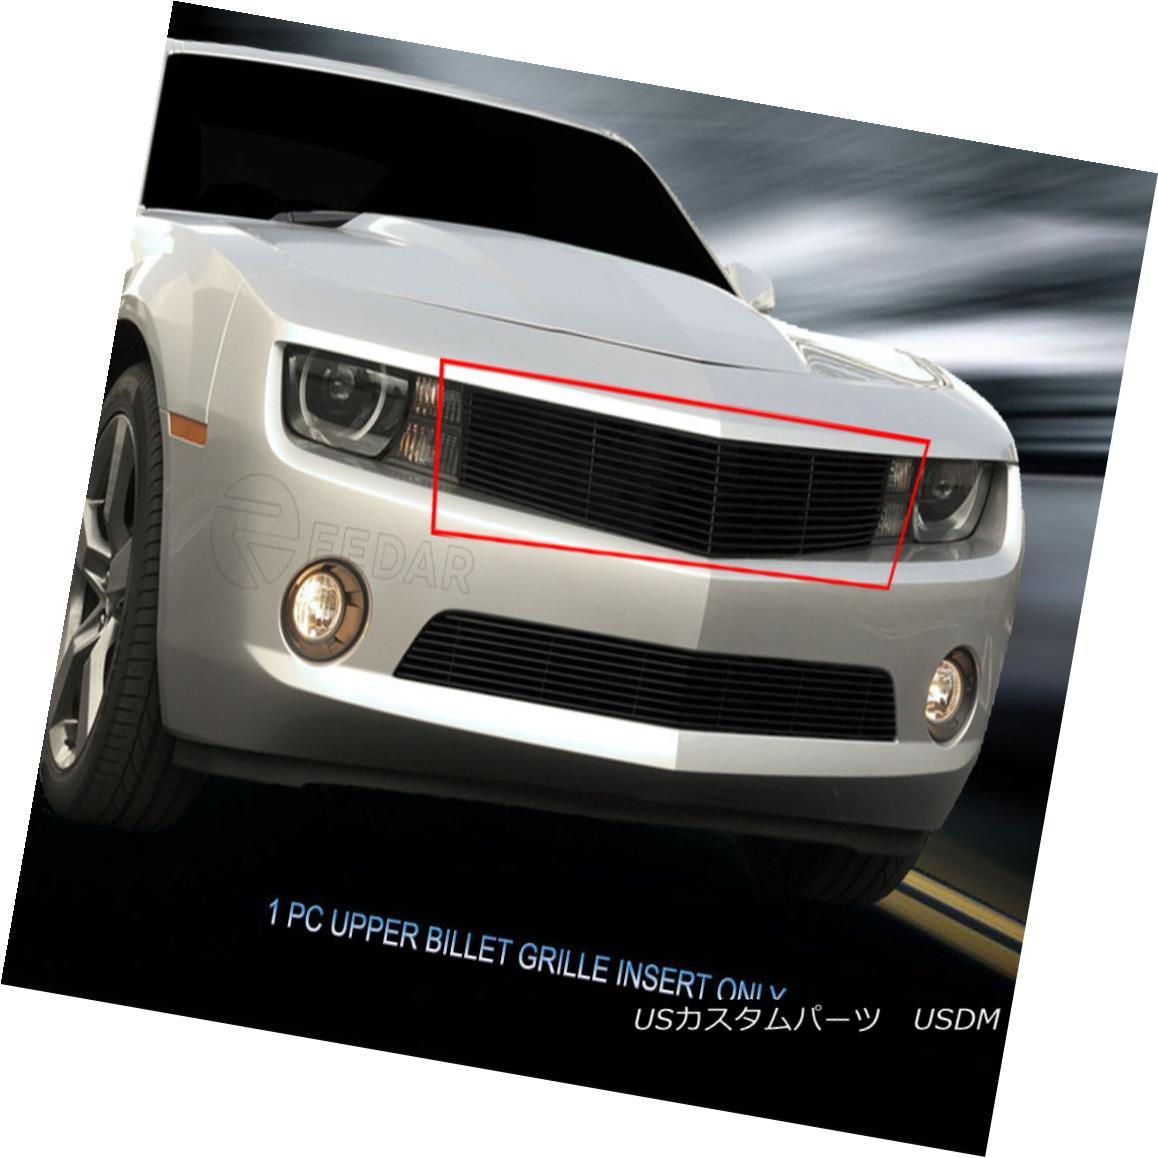 グリル Fits 10 11 12 13 Chevy Camaro LT LS RS SS Black Upper Billet Grille Insert Fedar フィット10 11 12 13 Chevy Camaro LT LS RS SSブラックアッパービレットグリルインサートFedar